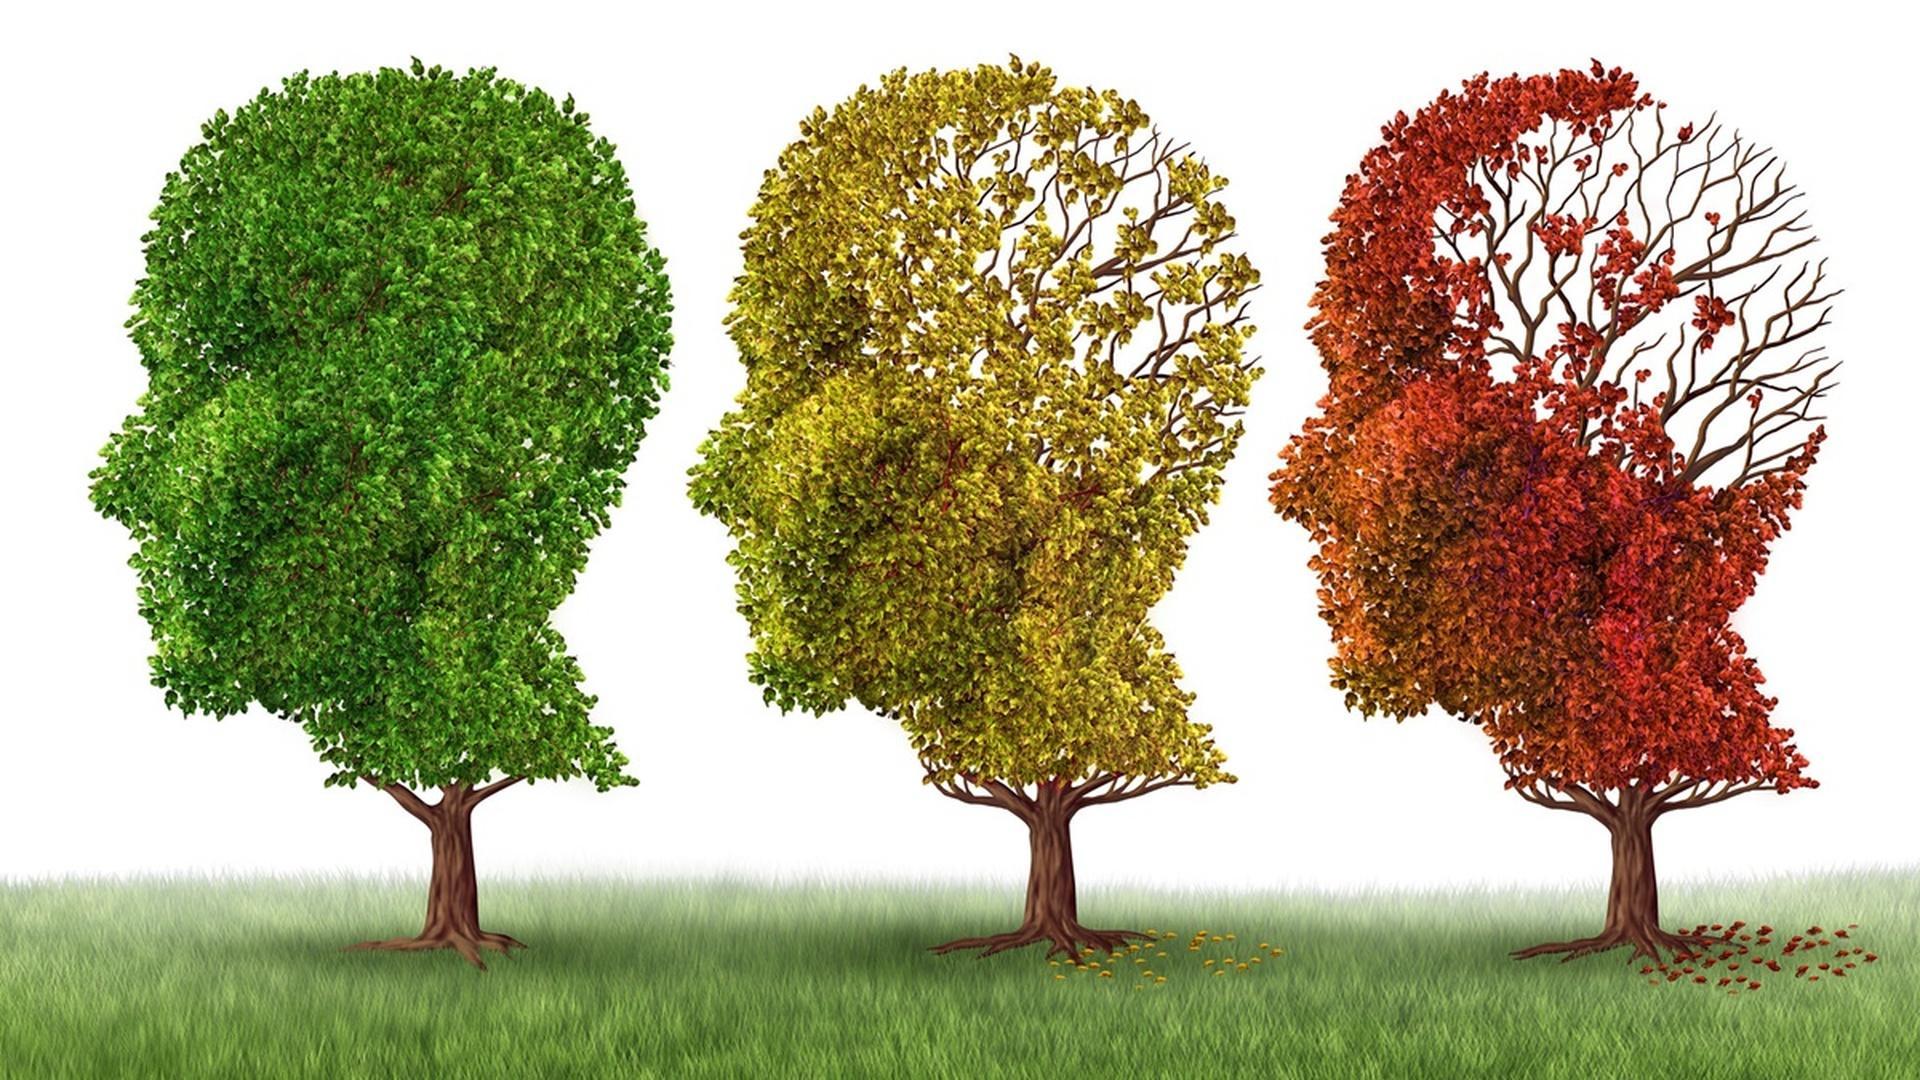 Препарат от сахарного диабета улучшил память мышам с болезнью Альцгеймера